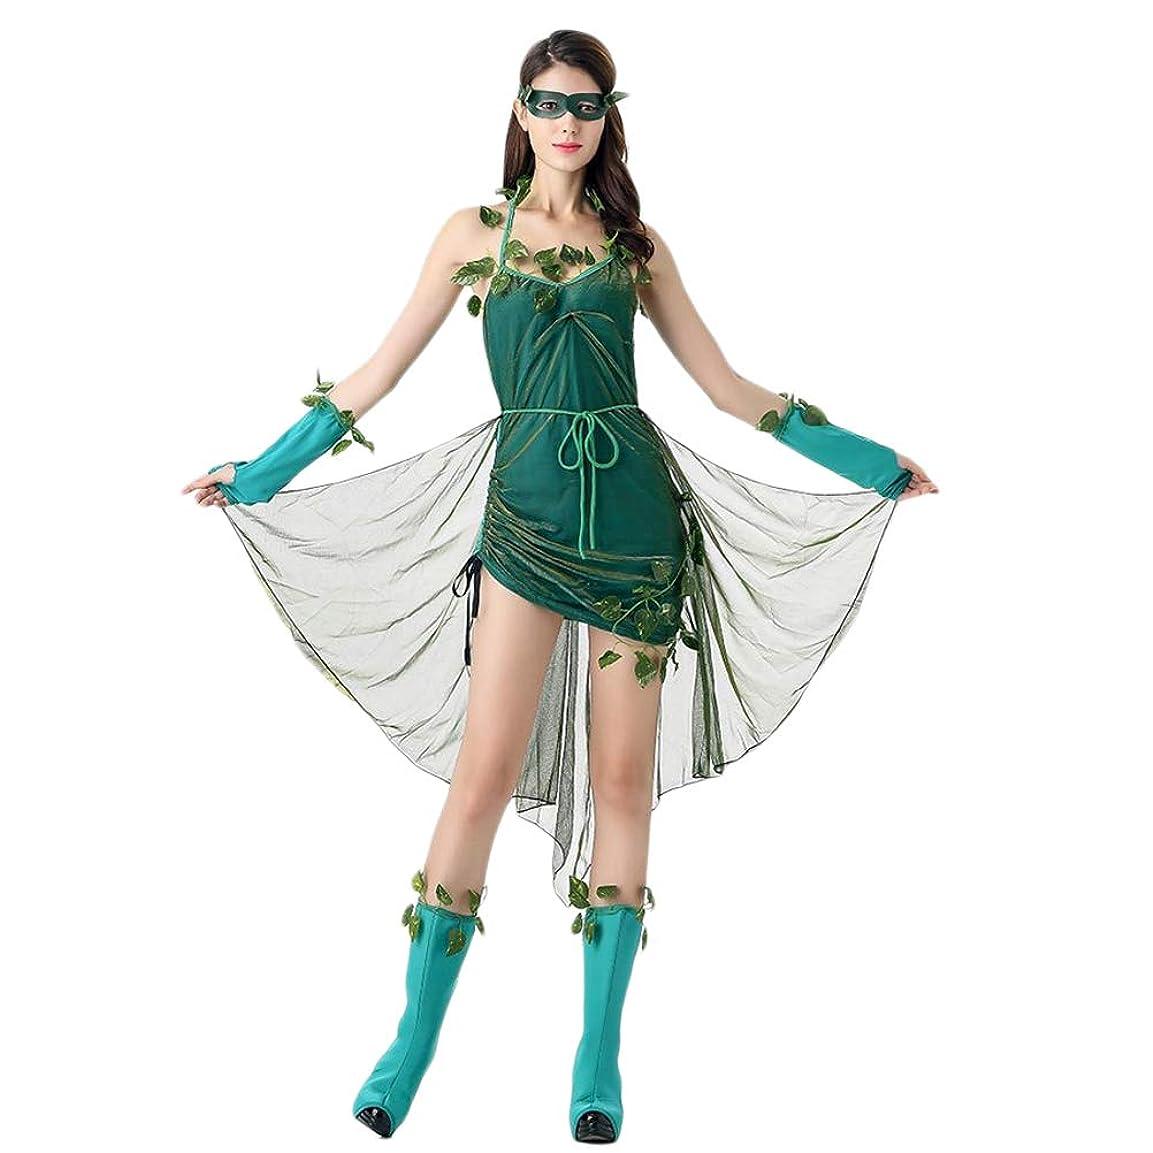 ロバ自動車ホールBESTOYARD ハロウィンステージの衣装美しいエルフの衣装森の悪魔の女神女性のコスプレ衣装ユニフォームパーティードレススーツ